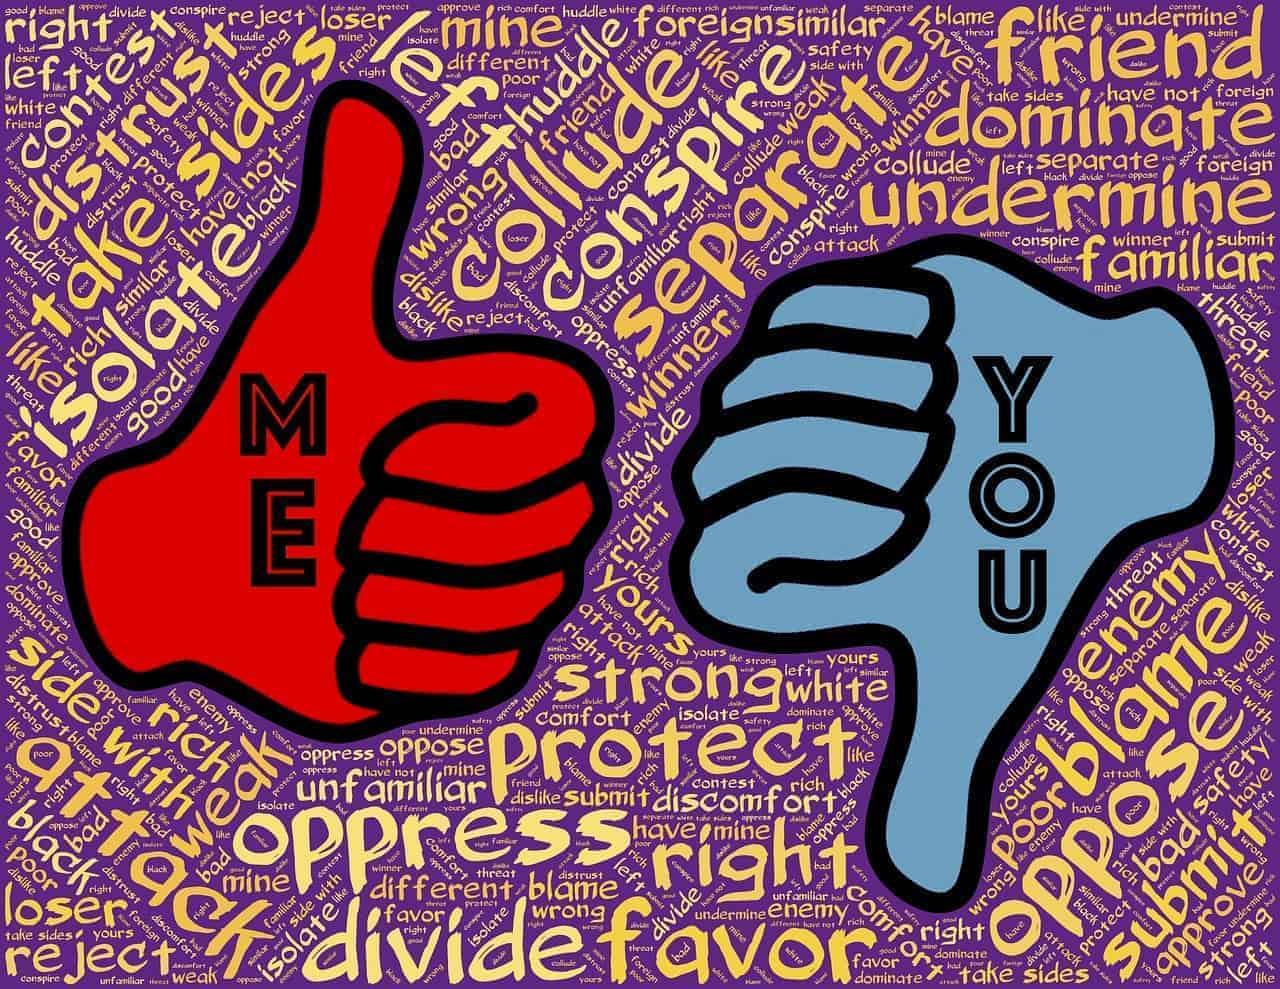 Der rote Ich-Daumen zeigt nach oben, der blaue Du-Daumen zeigt nach unten: Symbolisiert wird damit, dass Freunde Dich von deinem Erfolg abhalten können, da sie dir nichts gönnen und mit ihrem Ego nicht vereinbaren können, dass Du mehr erreichst als sie.